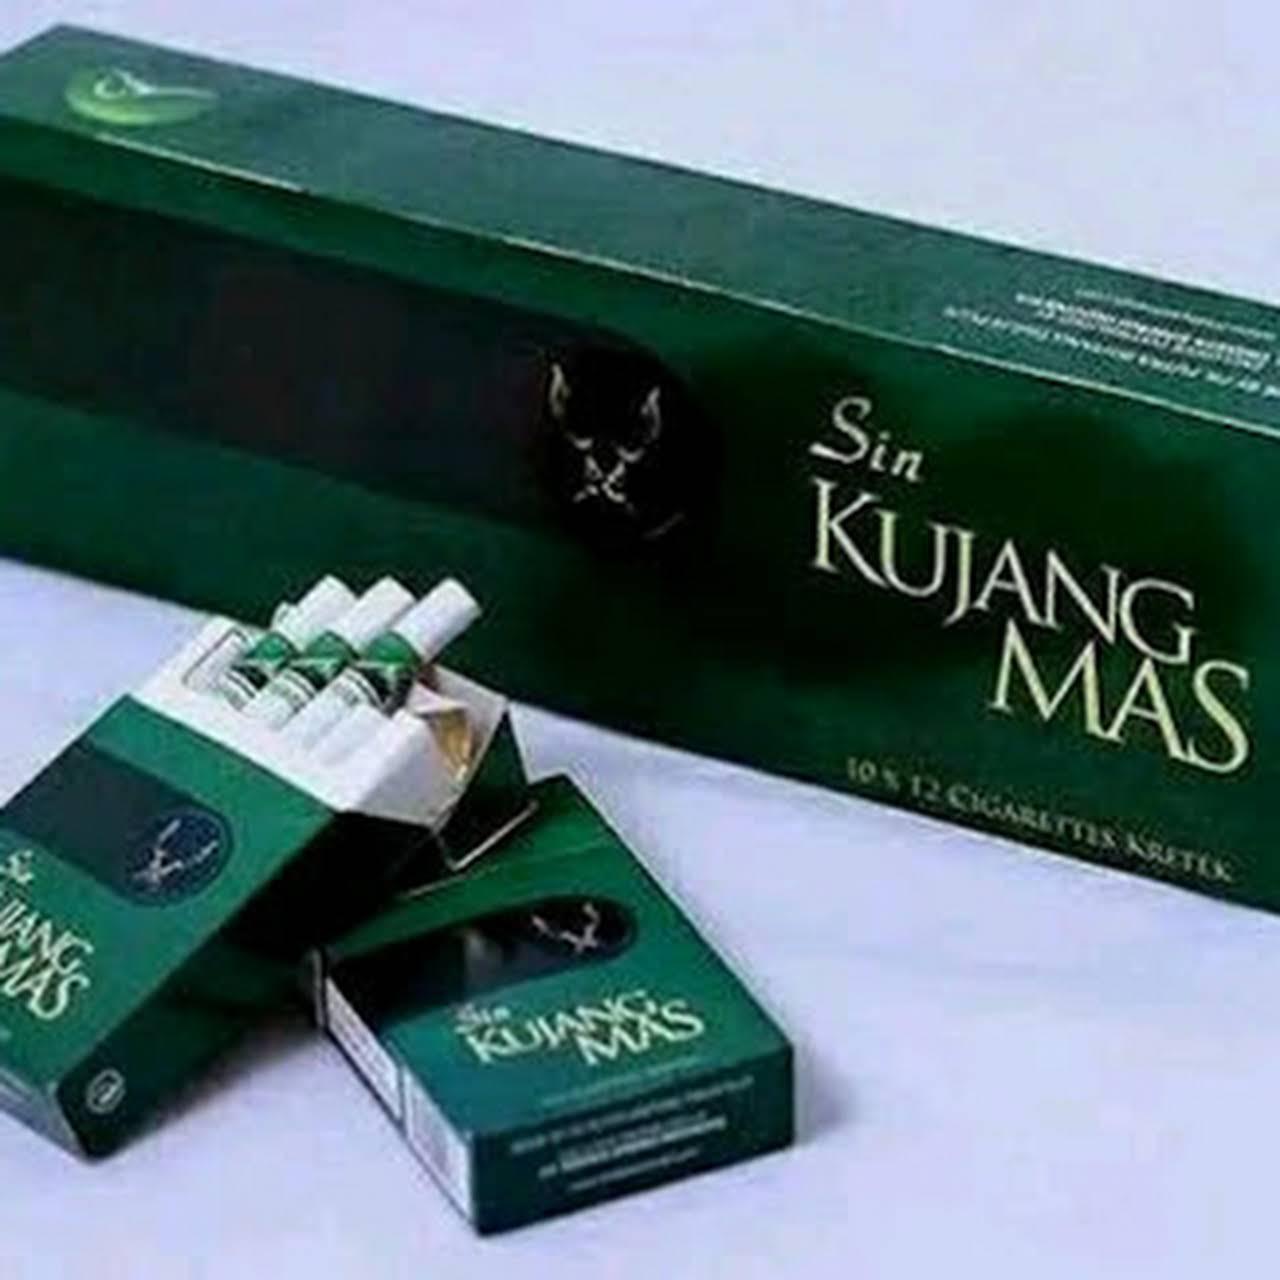 Stokis Lestari Rokok Sin 100 Herbal Semarang Distributor Platinum Filter Diposting Pada 20 Feb 18